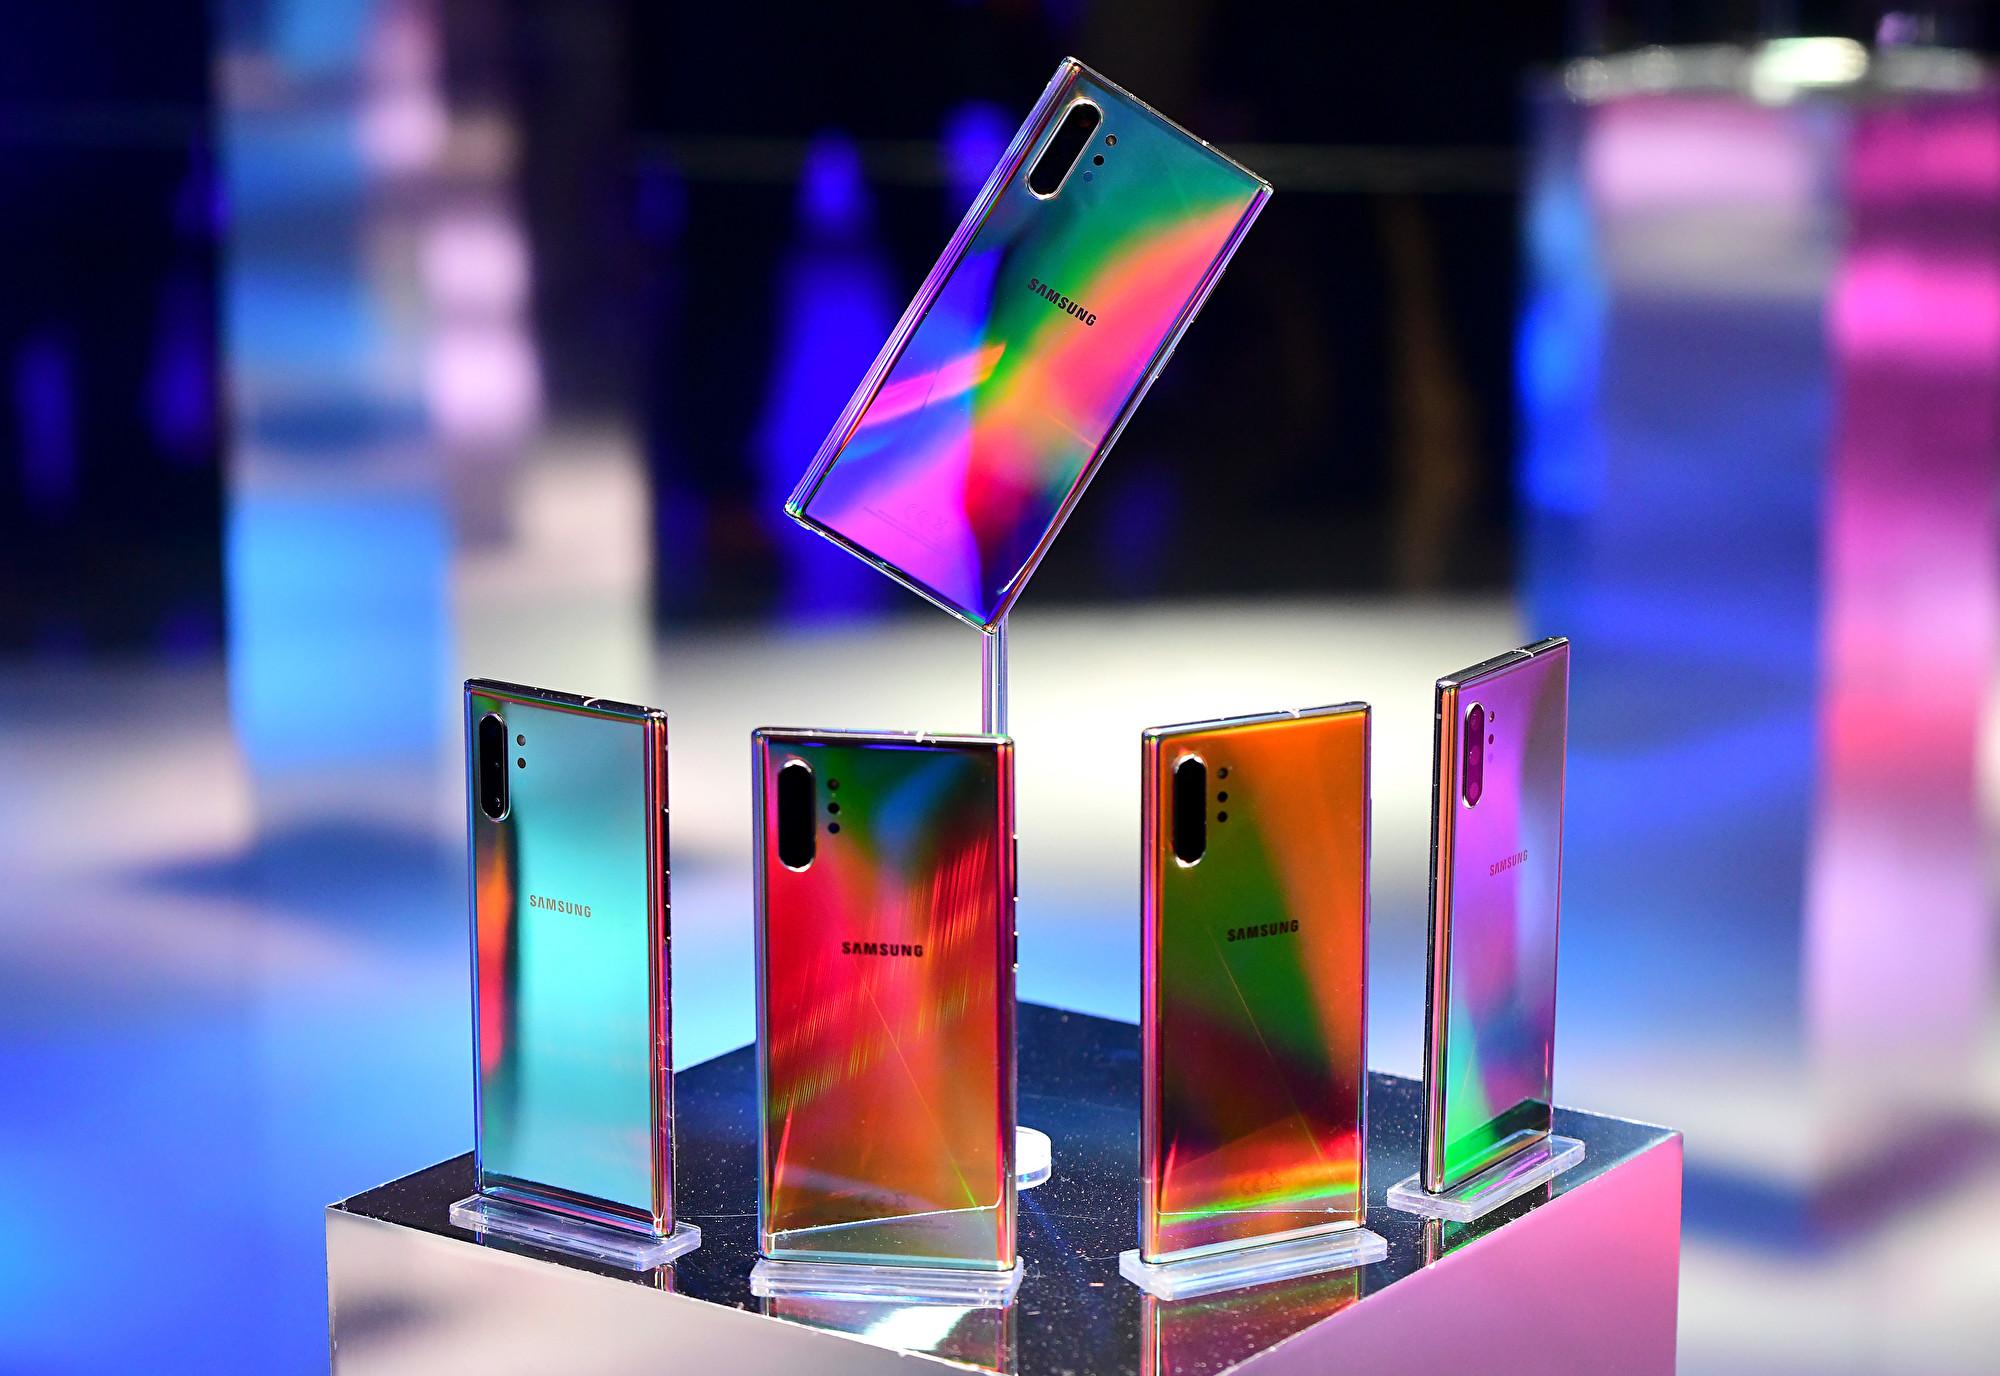 三星南韓店將於周四(9月5日)開始銷售最新旗艦手機「Galaxy Note 10」變種產品——區塊鏈手機「KlaytnPhone」。(Bryan Bedder/Getty Images for Samsung)